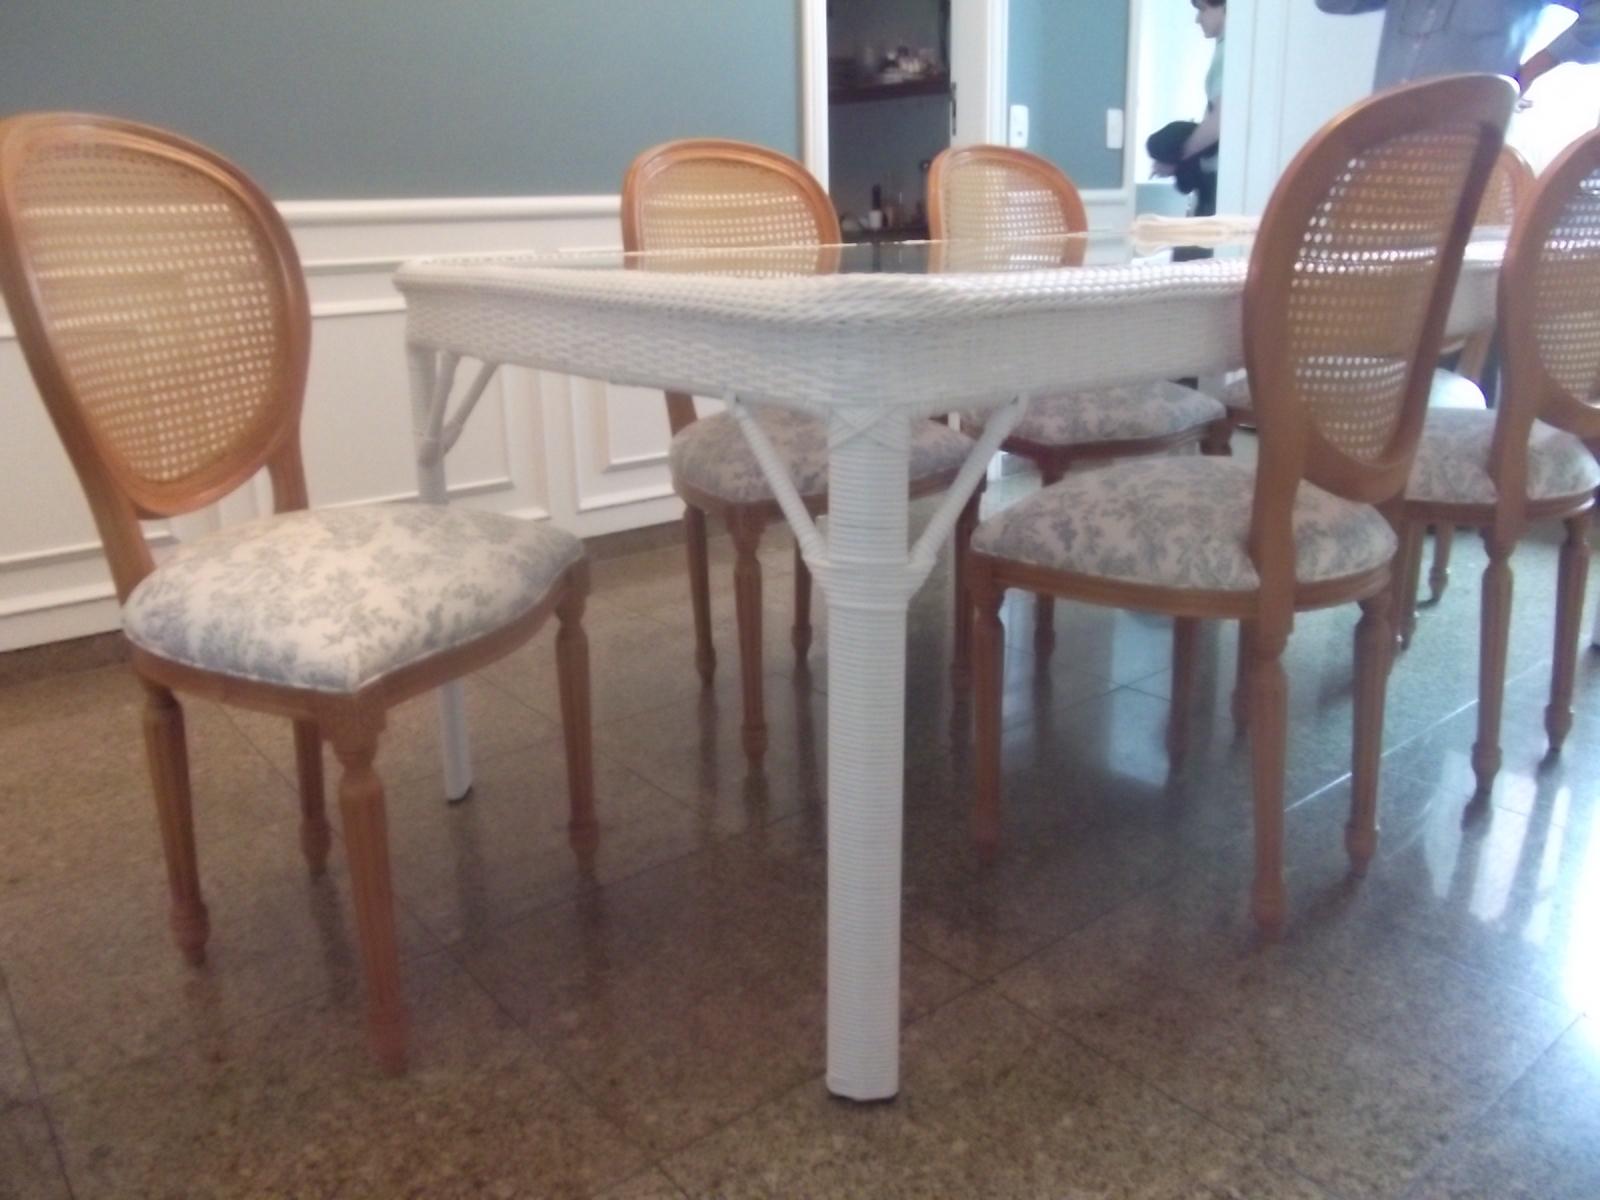 Decoração de Interiores A5 decoravip: Cadeiras Antigas a Venda #436D88 1600x1200